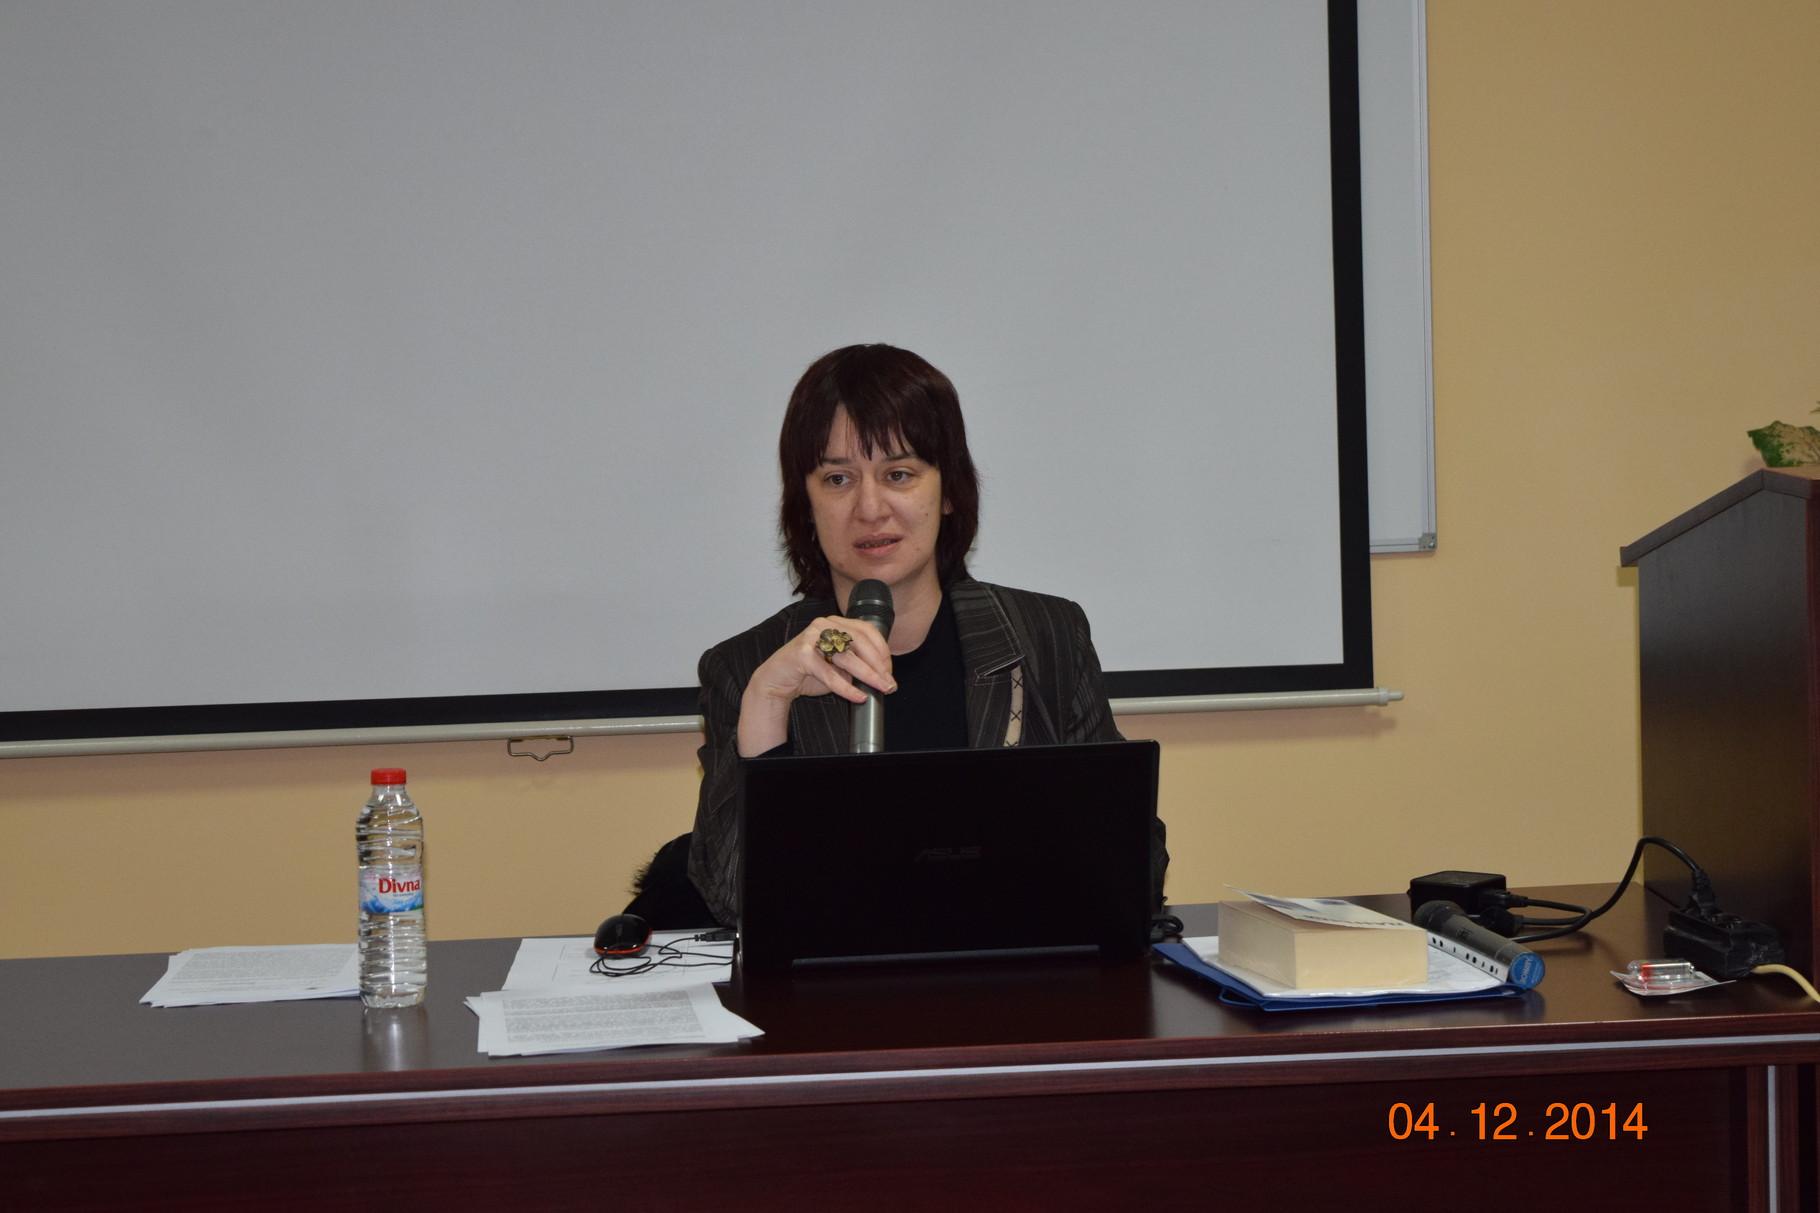 Данъчен консултант Валентина Василева ни разказа за всичко, което се е случило със закона за ДДС пред 2014 г. и очакваните промени през 2015 година